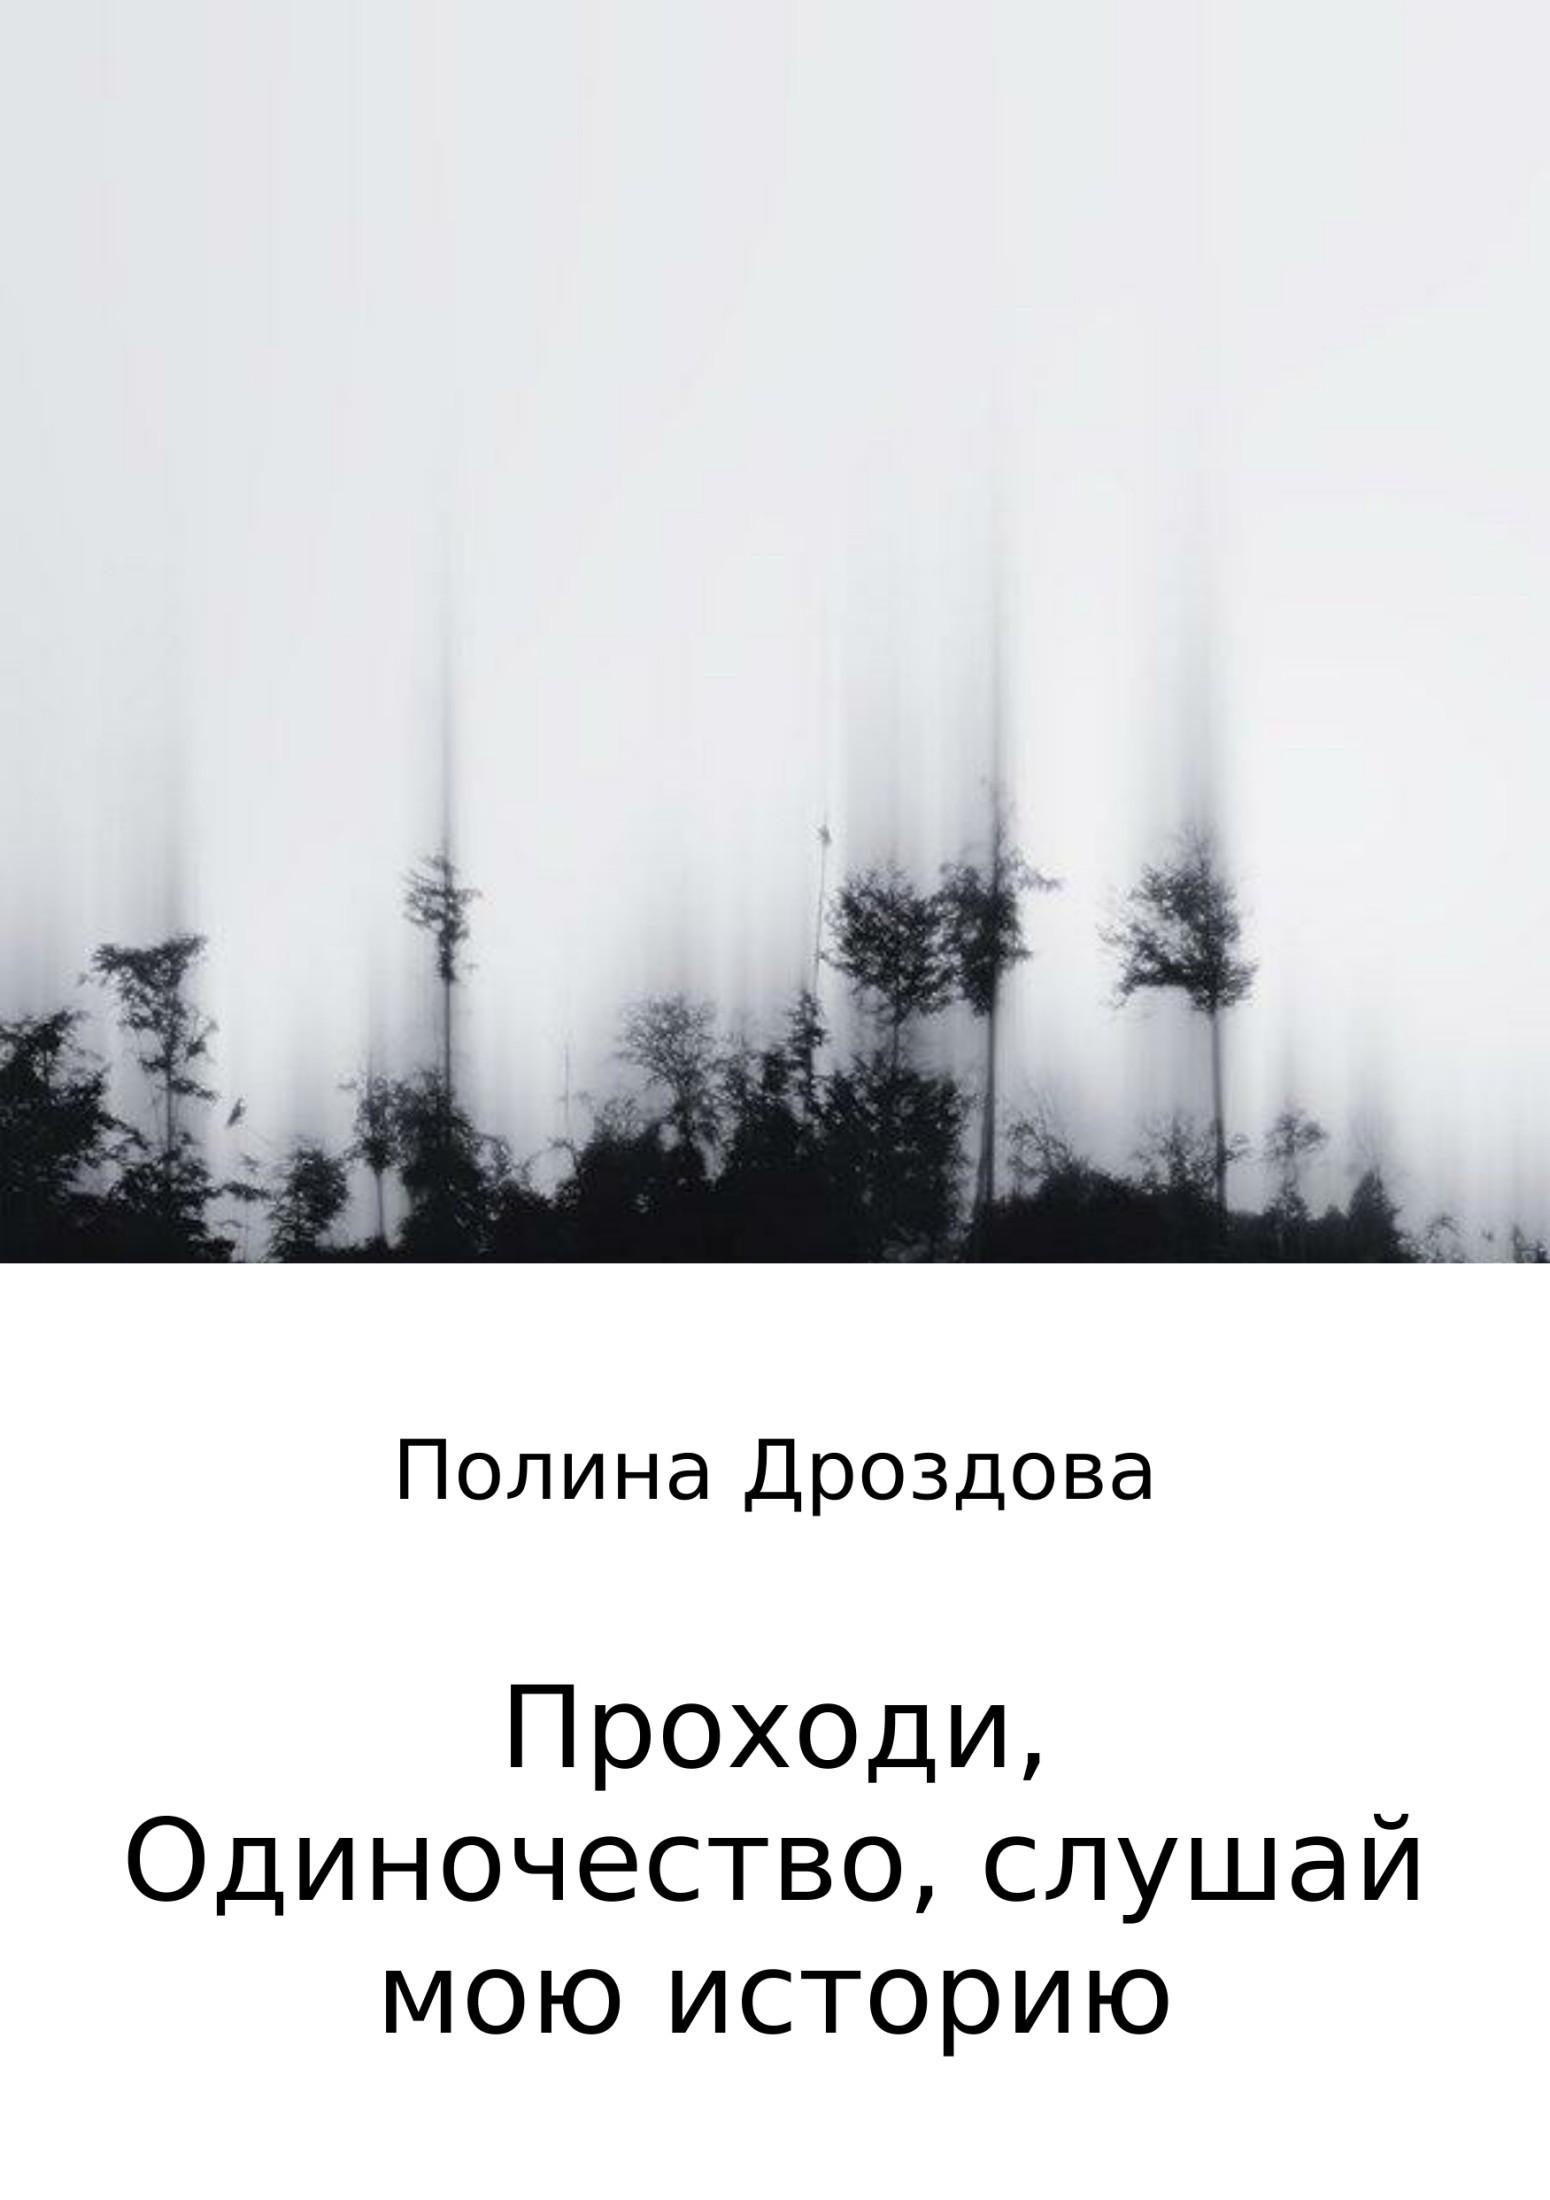 Полина Викторовна Дроздова Проходи, одиночество, слушай мою историю вот какой рассеянный